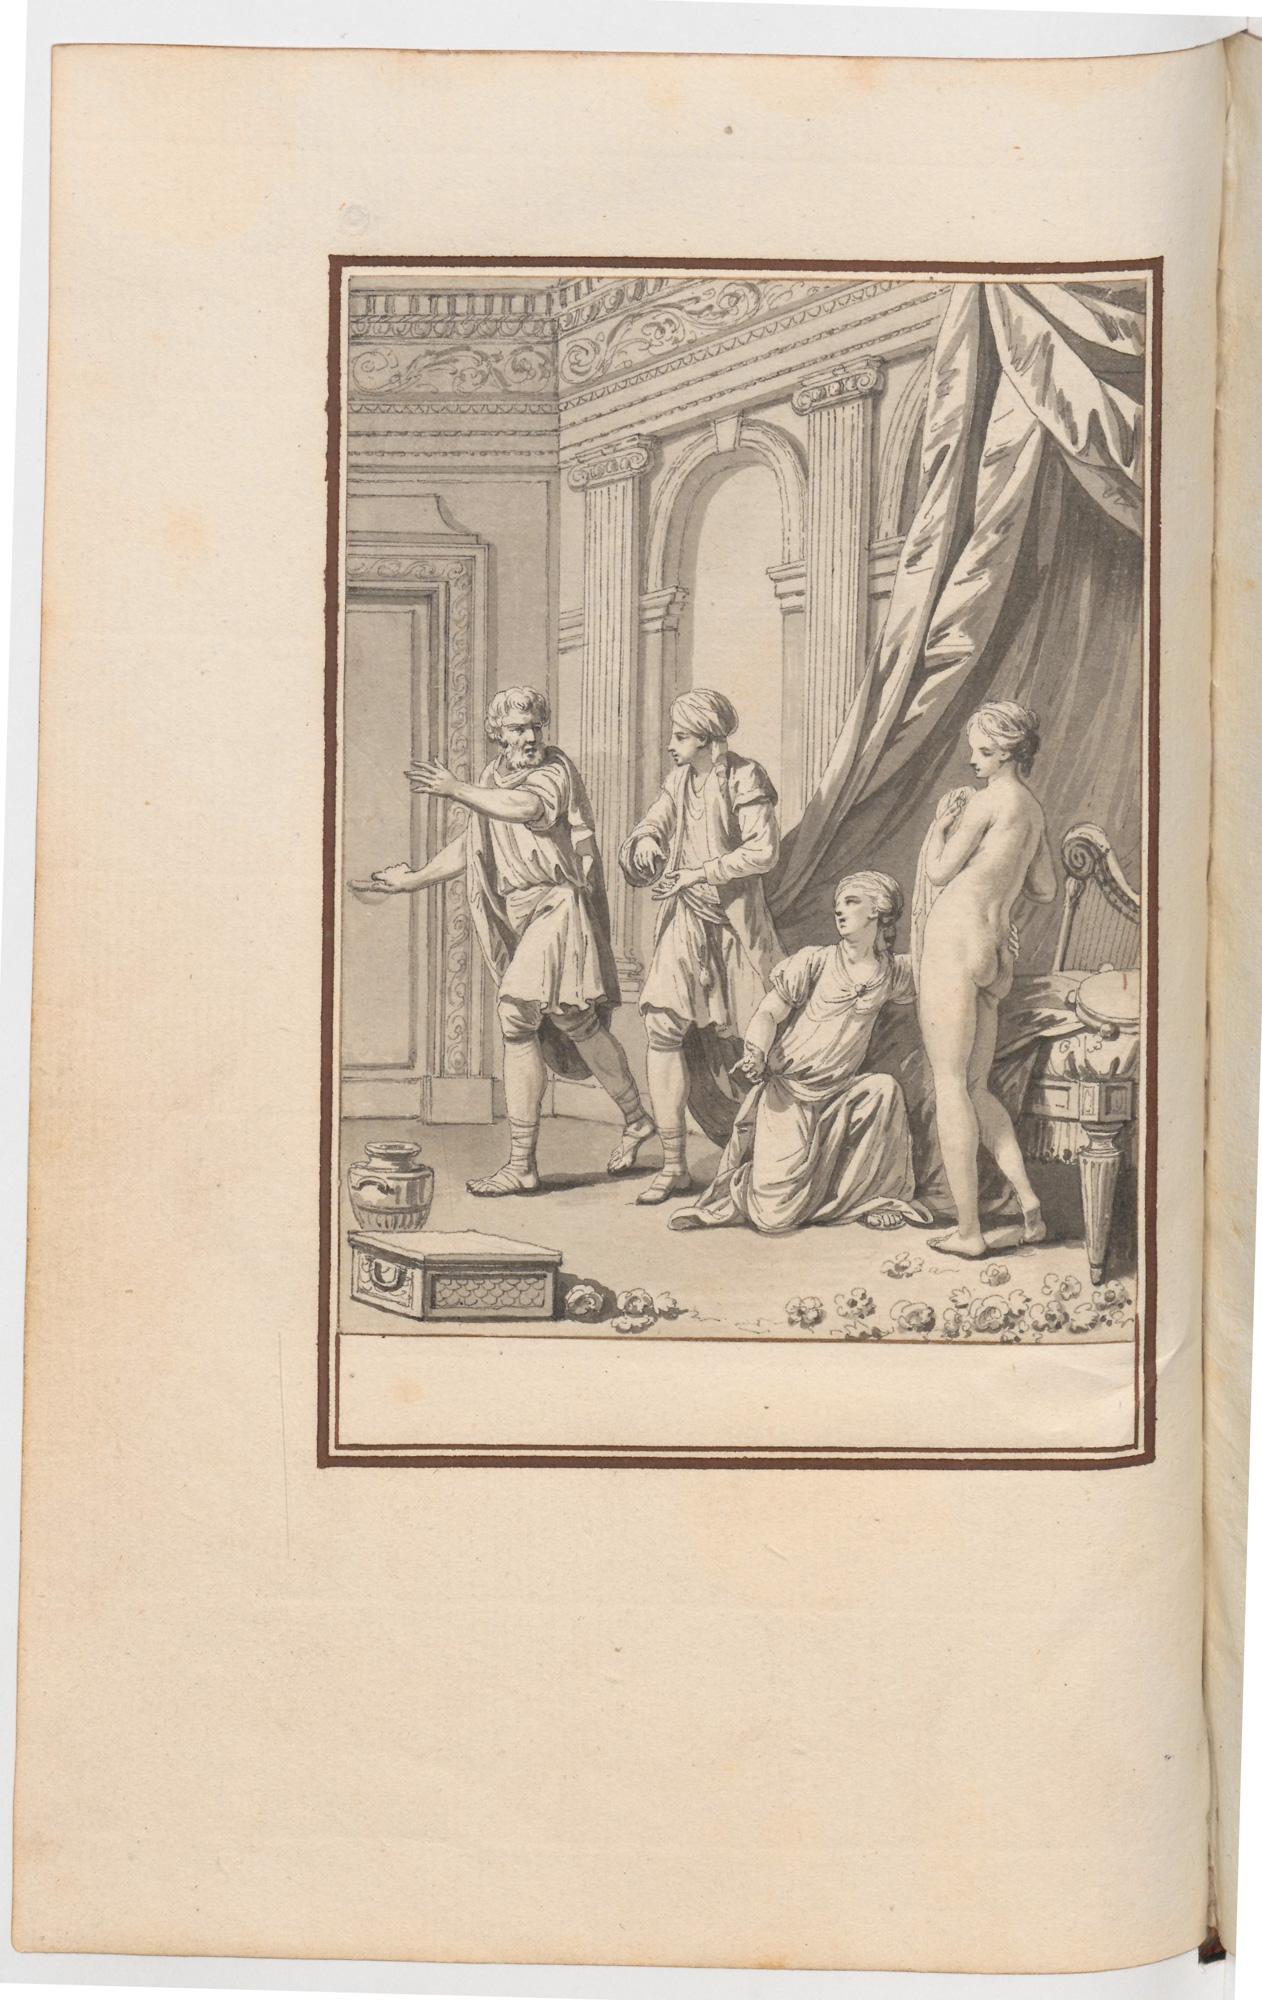 S.3.09 L'avare et la jeune esclave, Chantilly, Image